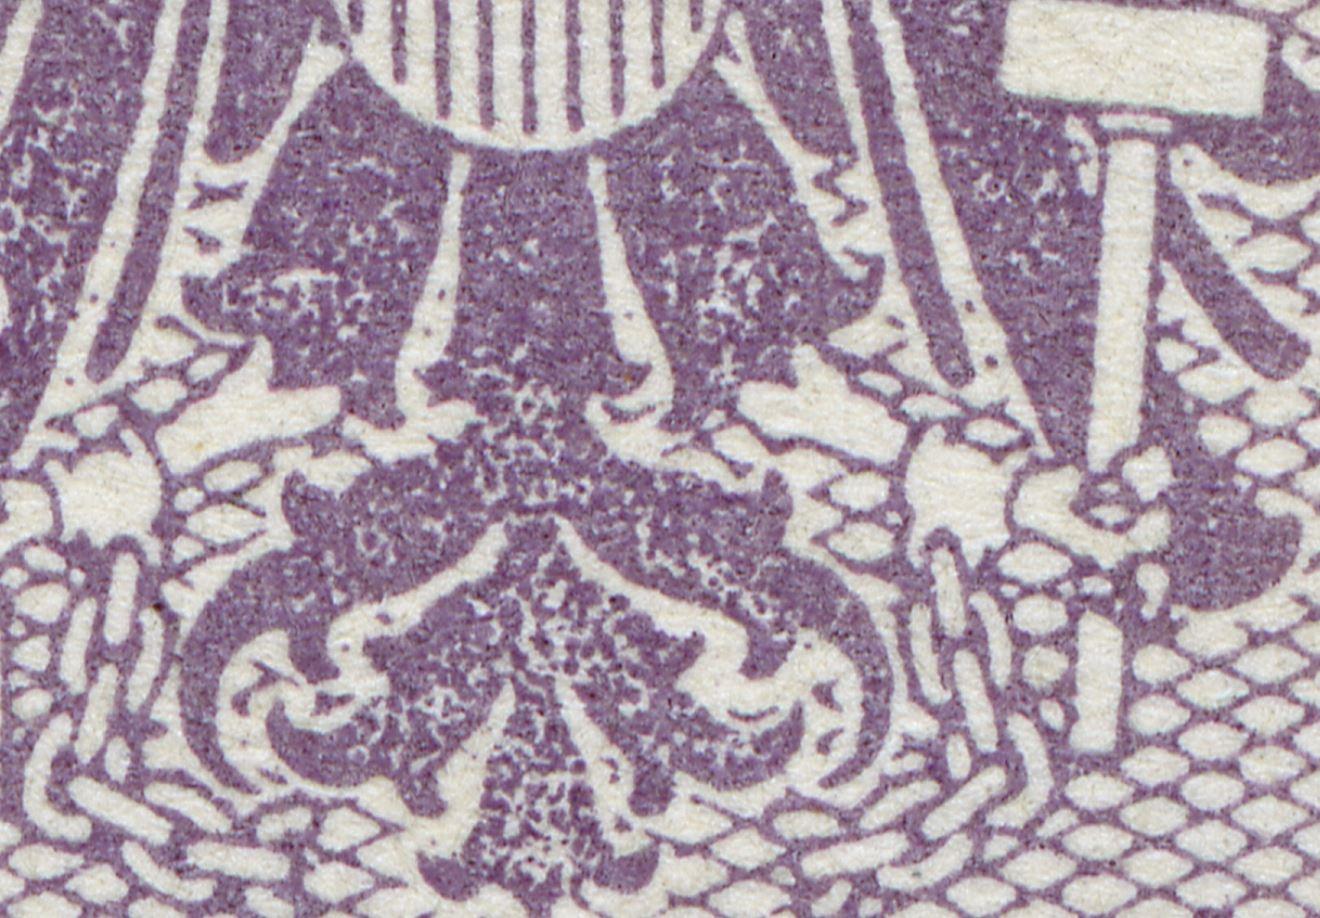 1945 Wappenzeichnung - Seite 4 At_1945_wappen_6_metall_gummi_15